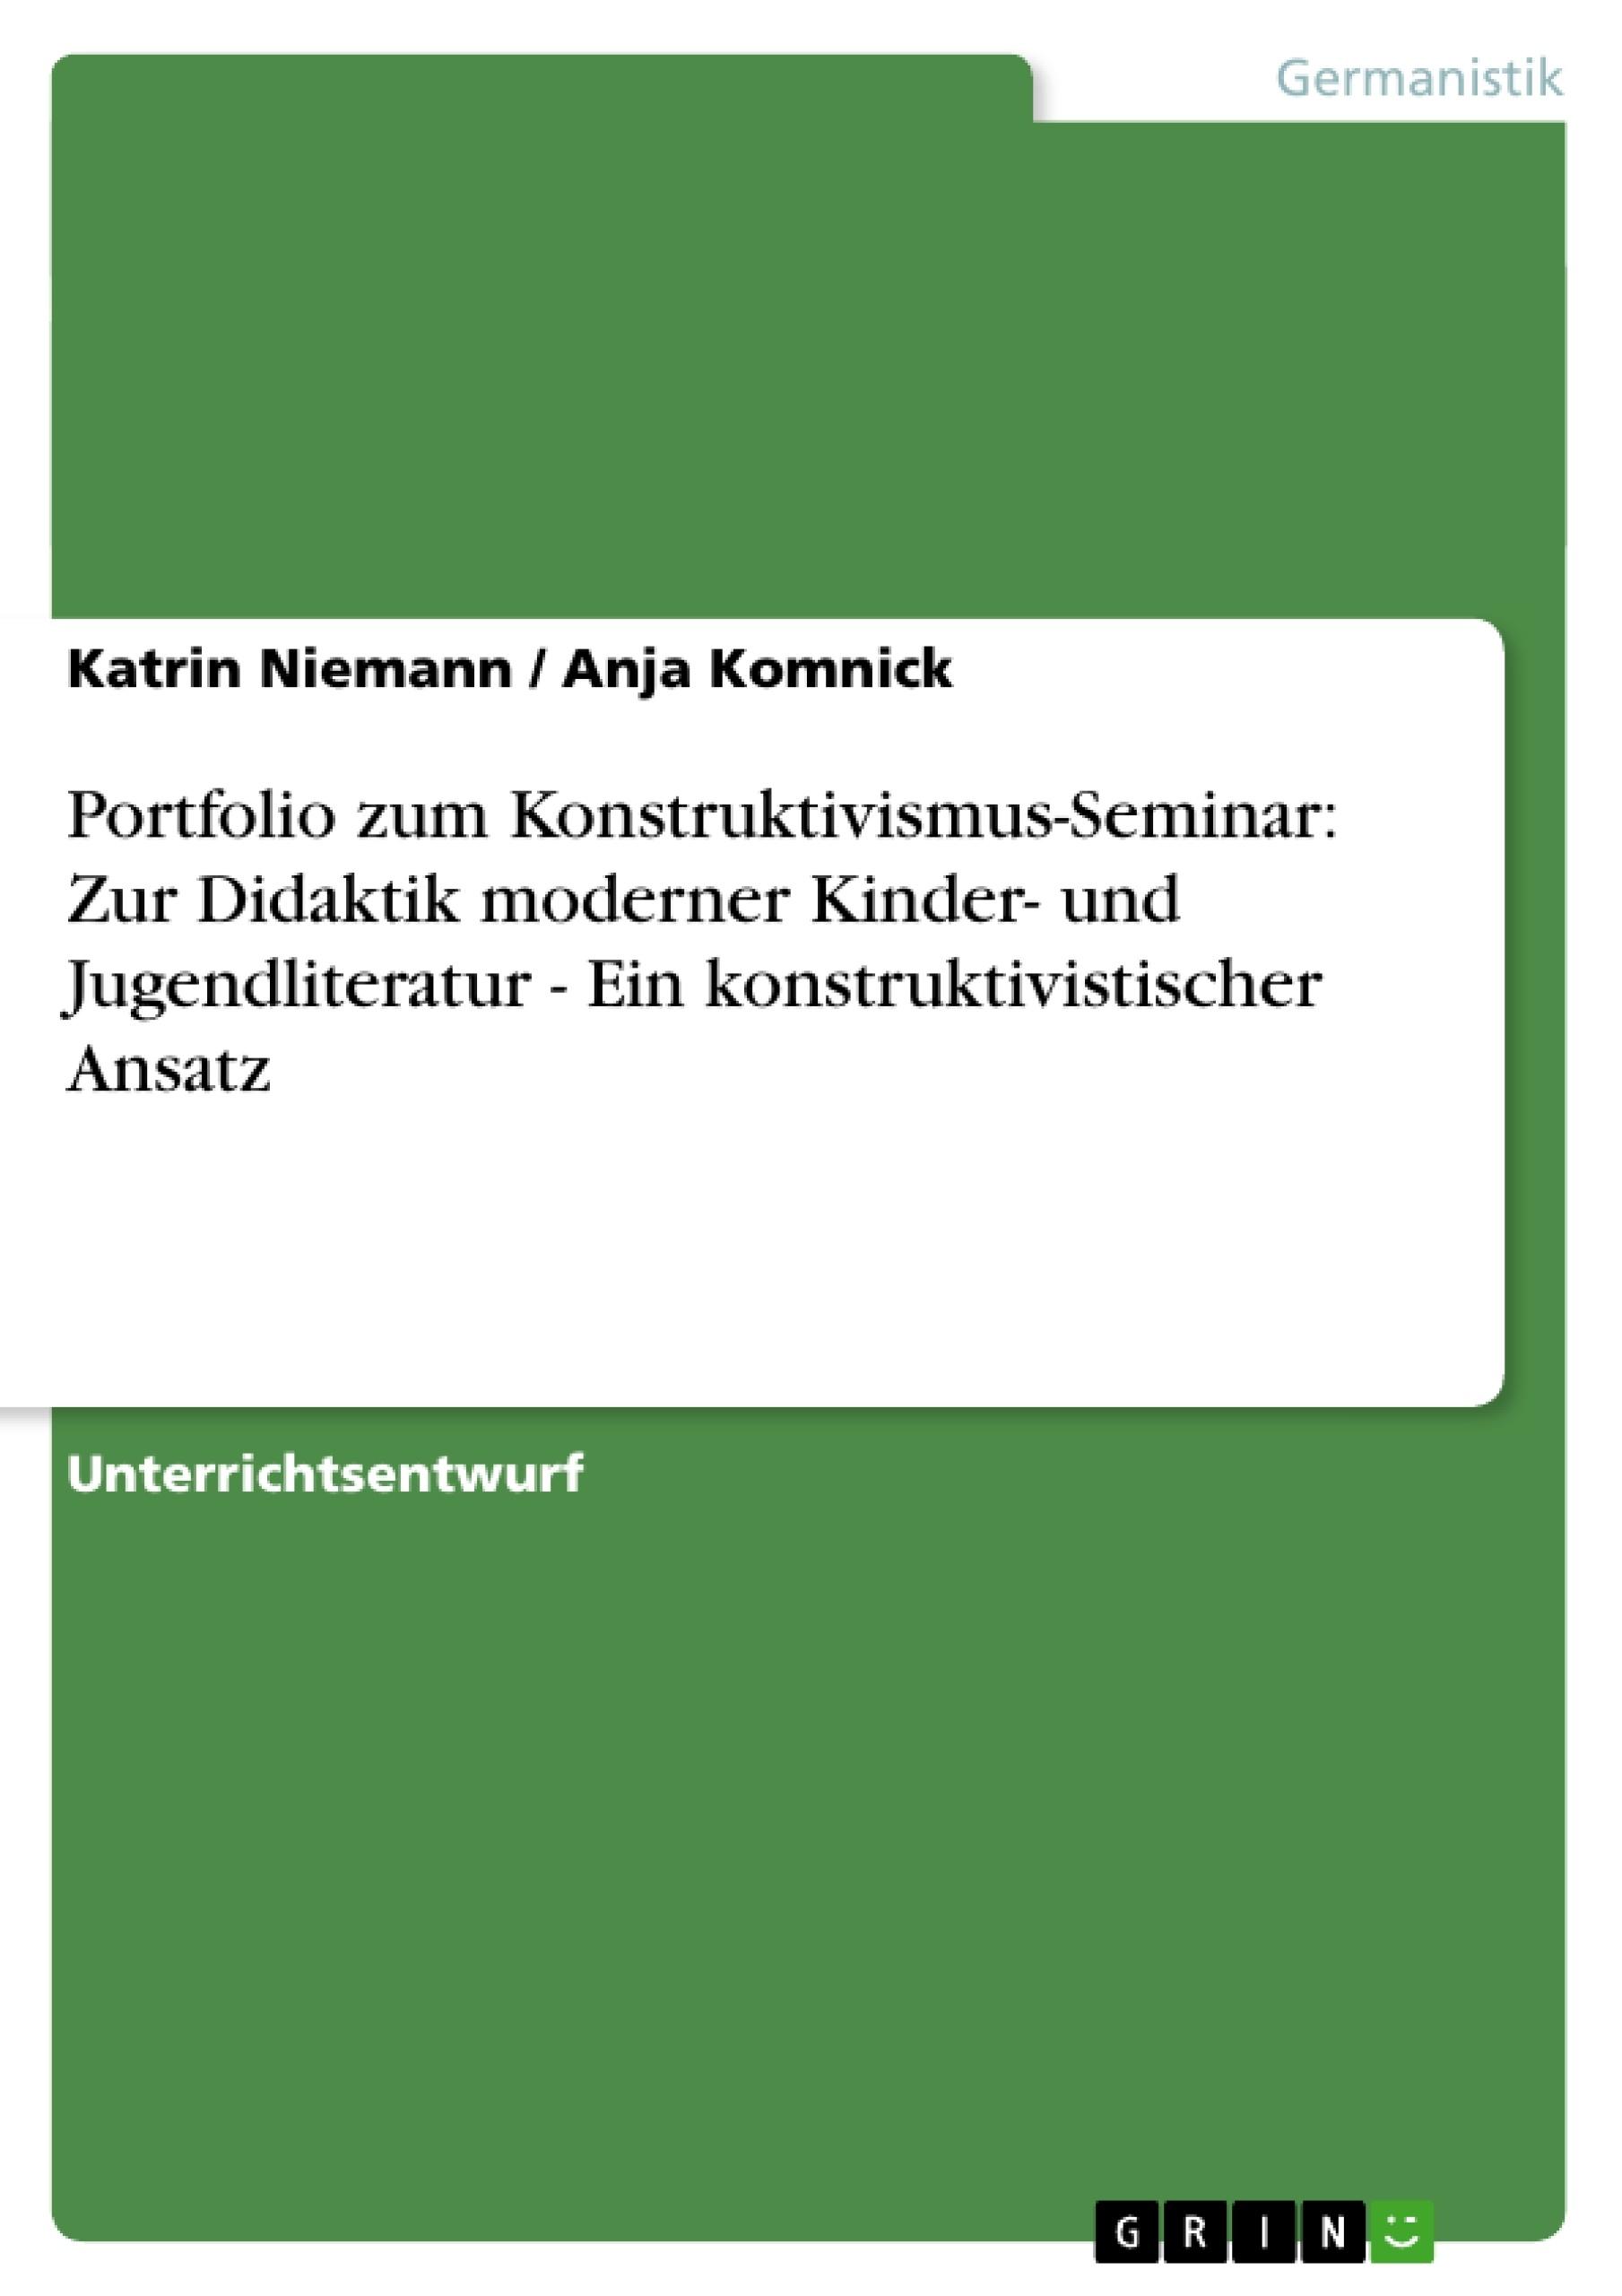 Titel: Portfolio zum Konstruktivismus-Seminar: Zur Didaktik moderner Kinder- und Jugendliteratur - Ein konstruktivistischer Ansatz